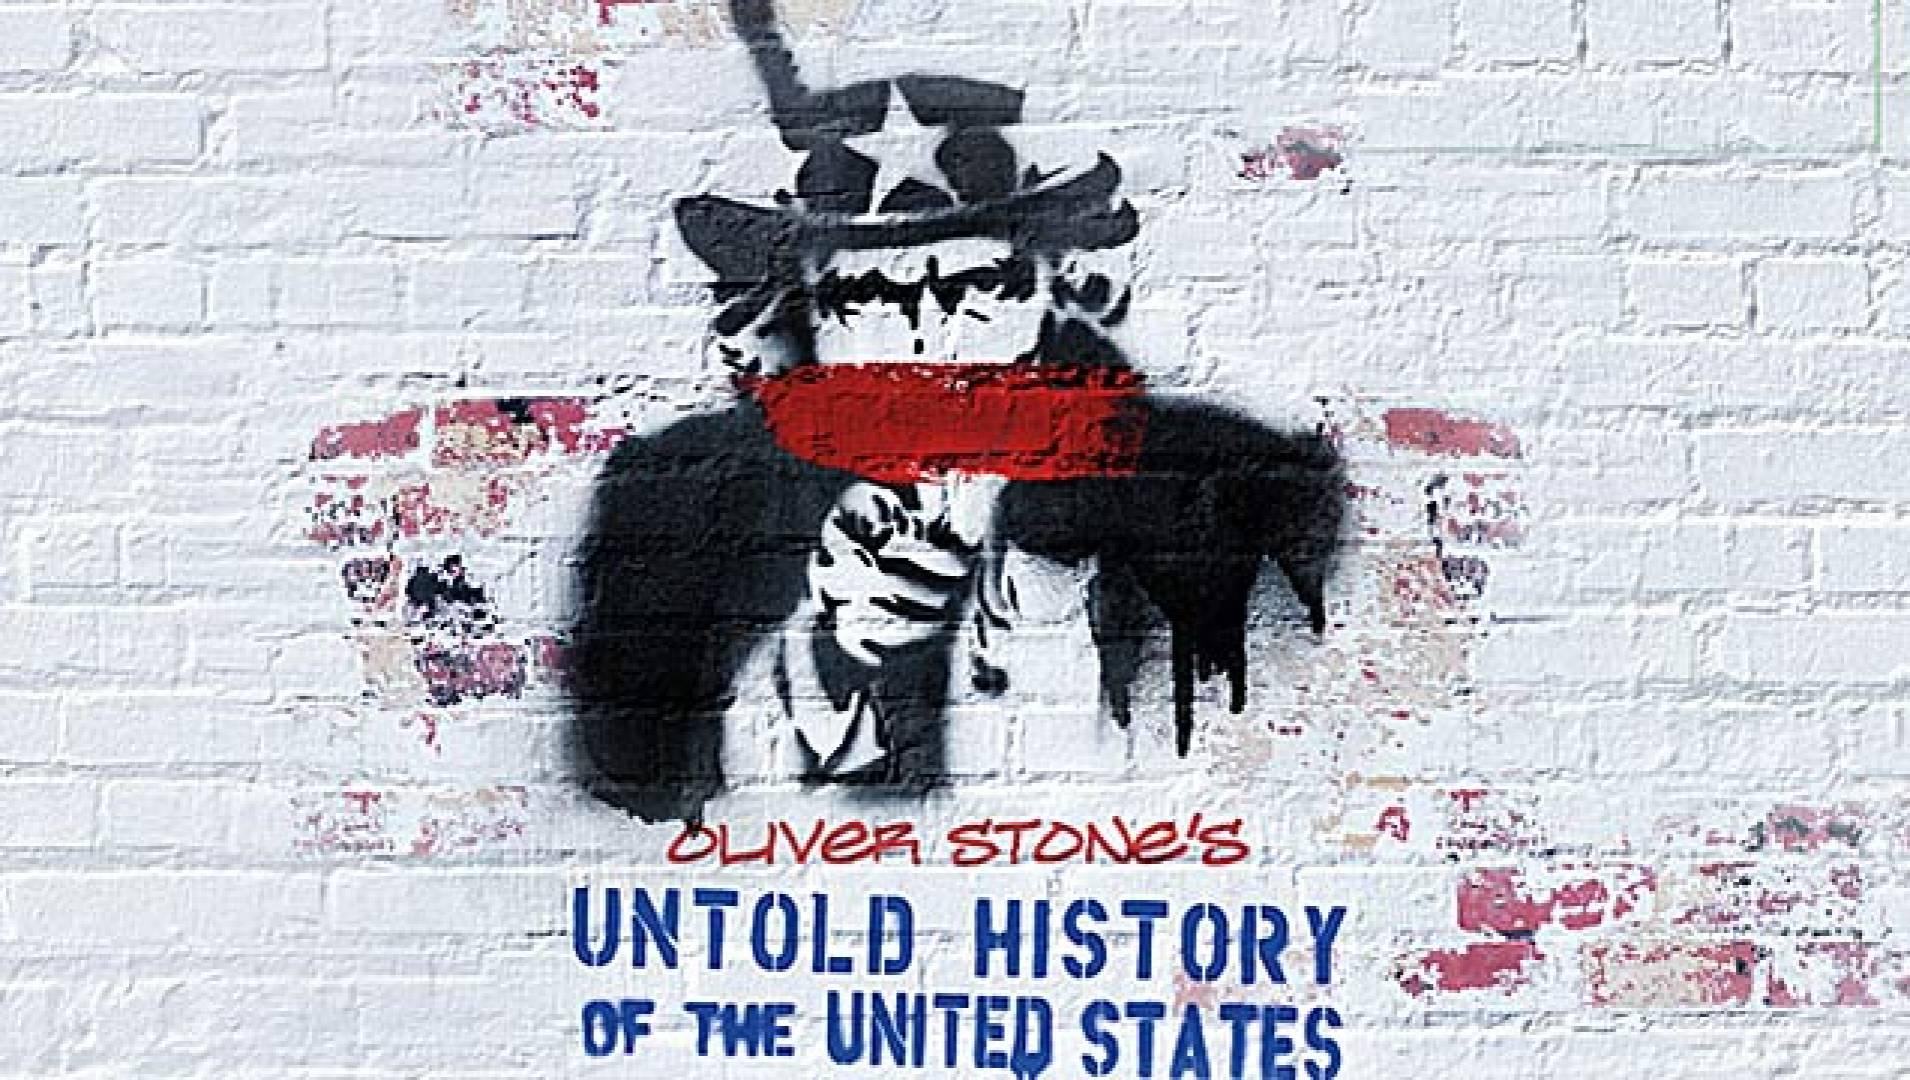 Нерассказанная история США - Документальный фильм